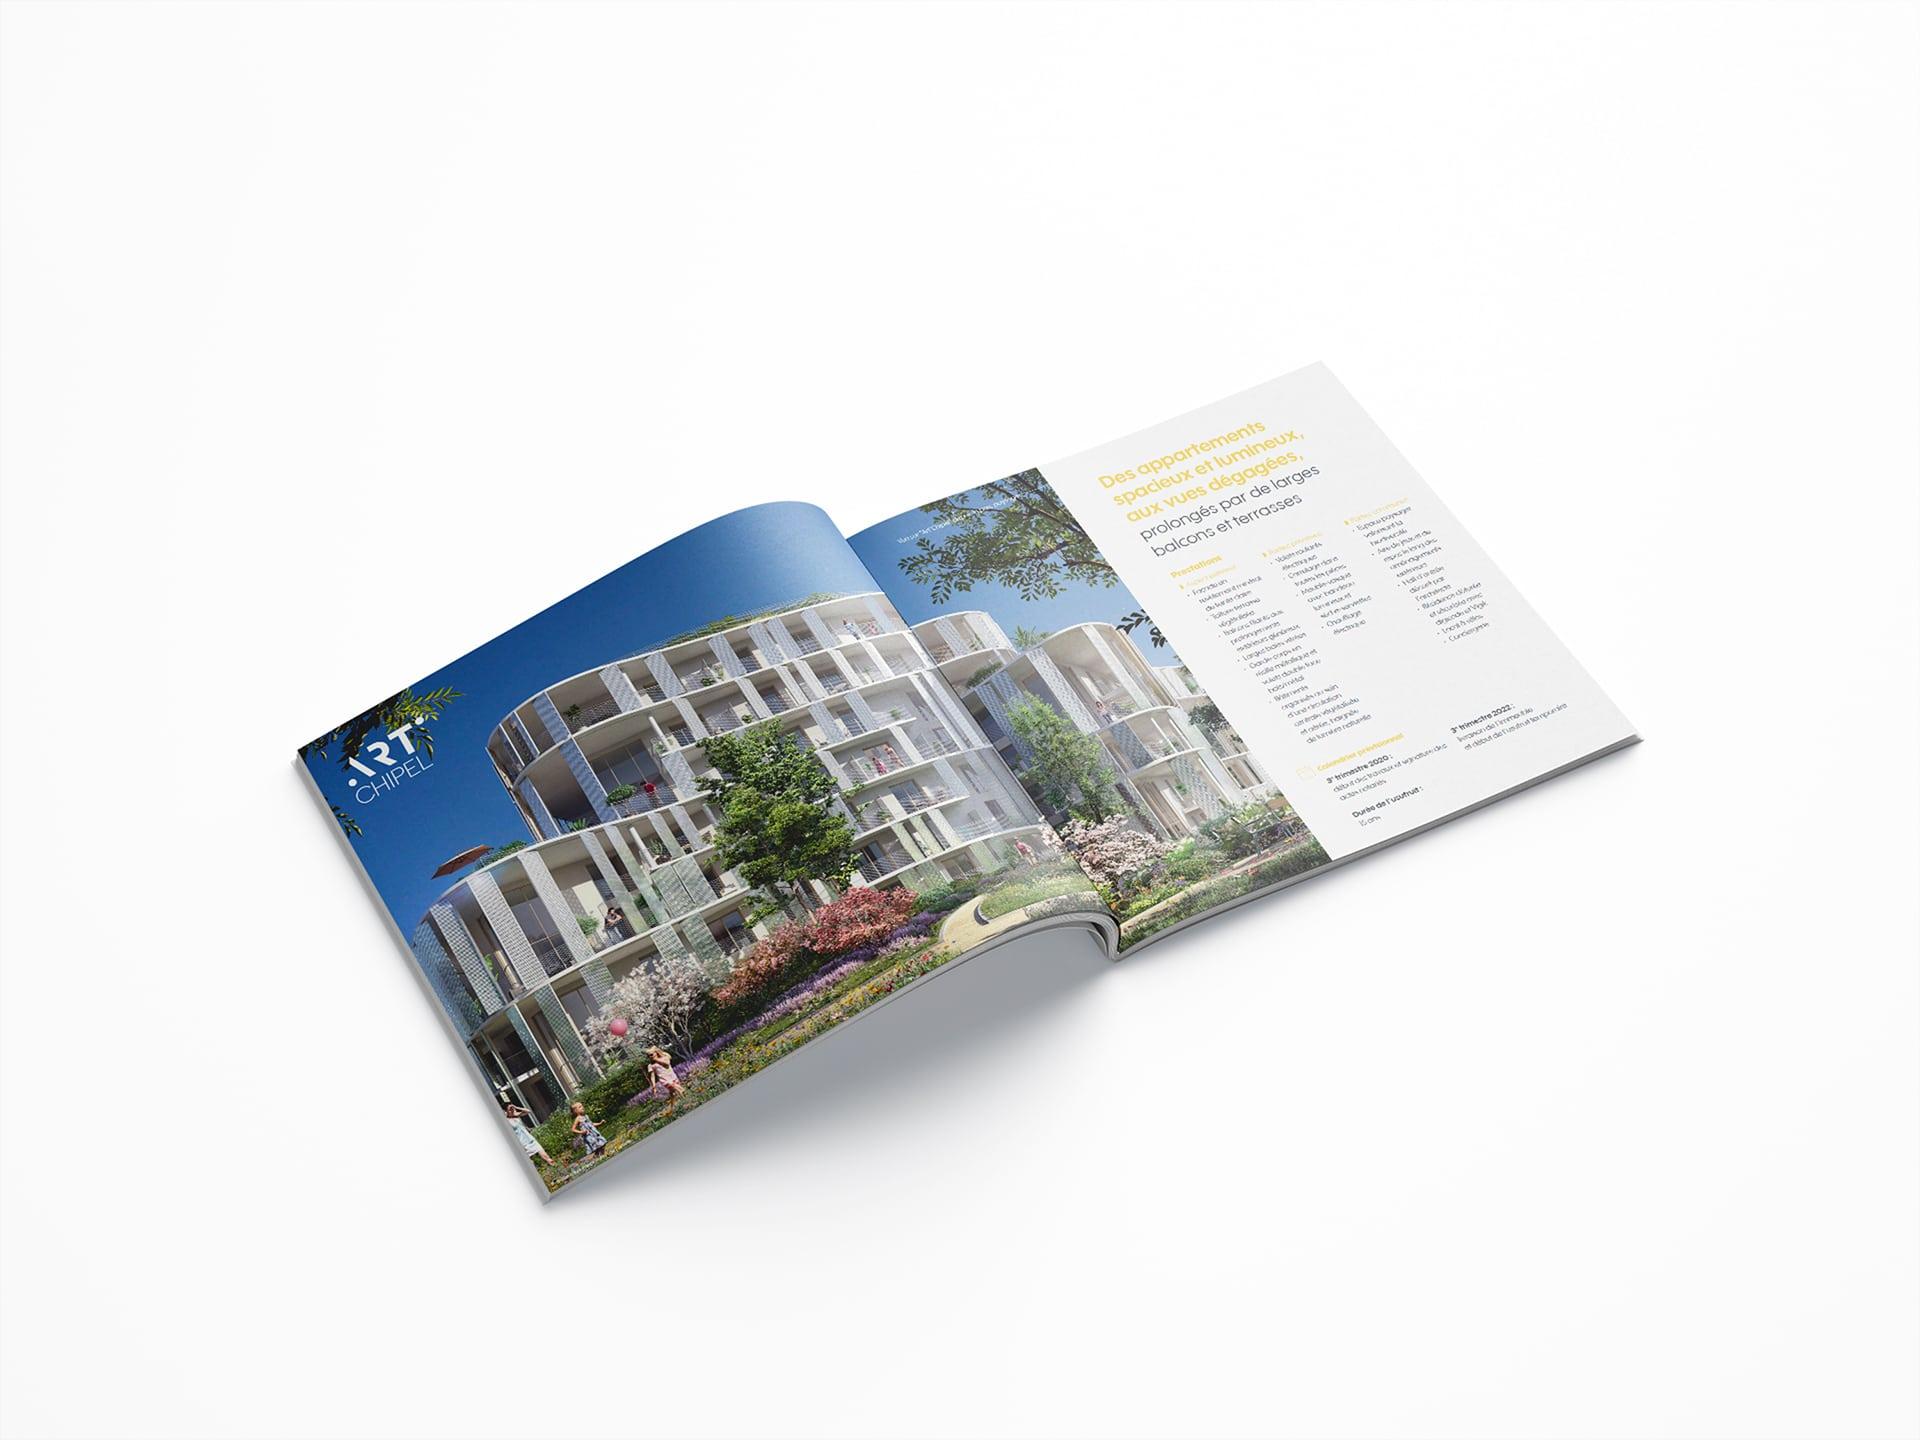 Il y a une brochure commerciale de Marseille pour un programme immobilier, réalisée par l'agence de communication print et digital Siouxe à Paris, pour Perl.